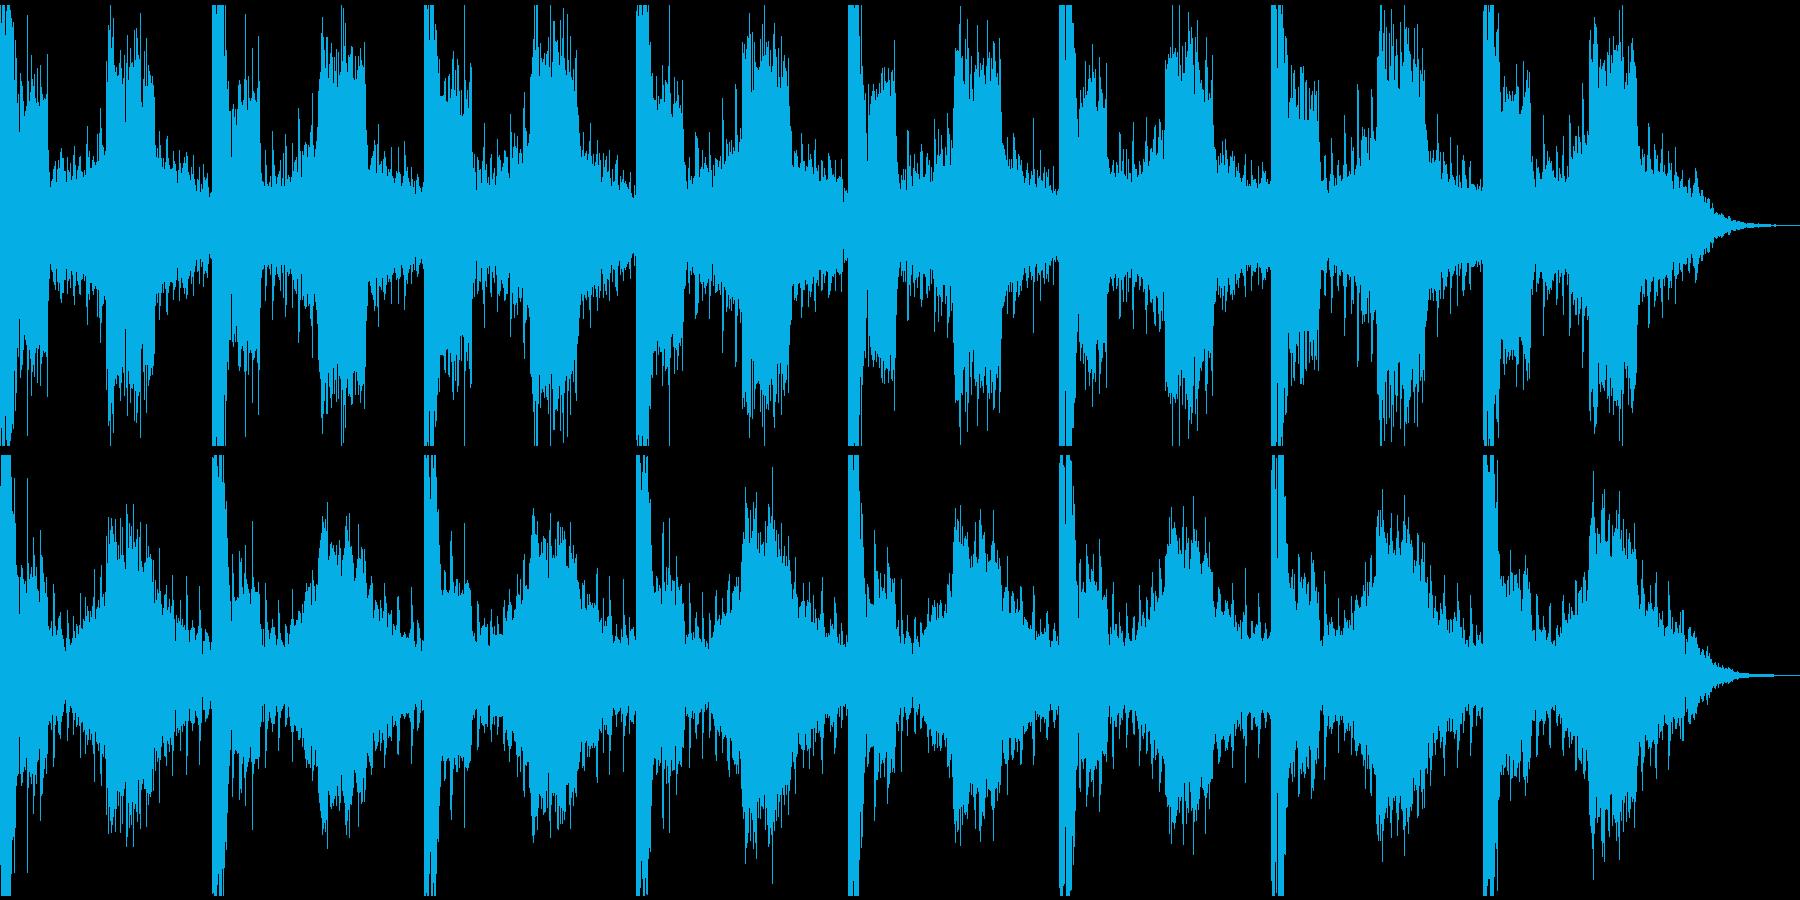 ニュースに使いそうな曲の再生済みの波形